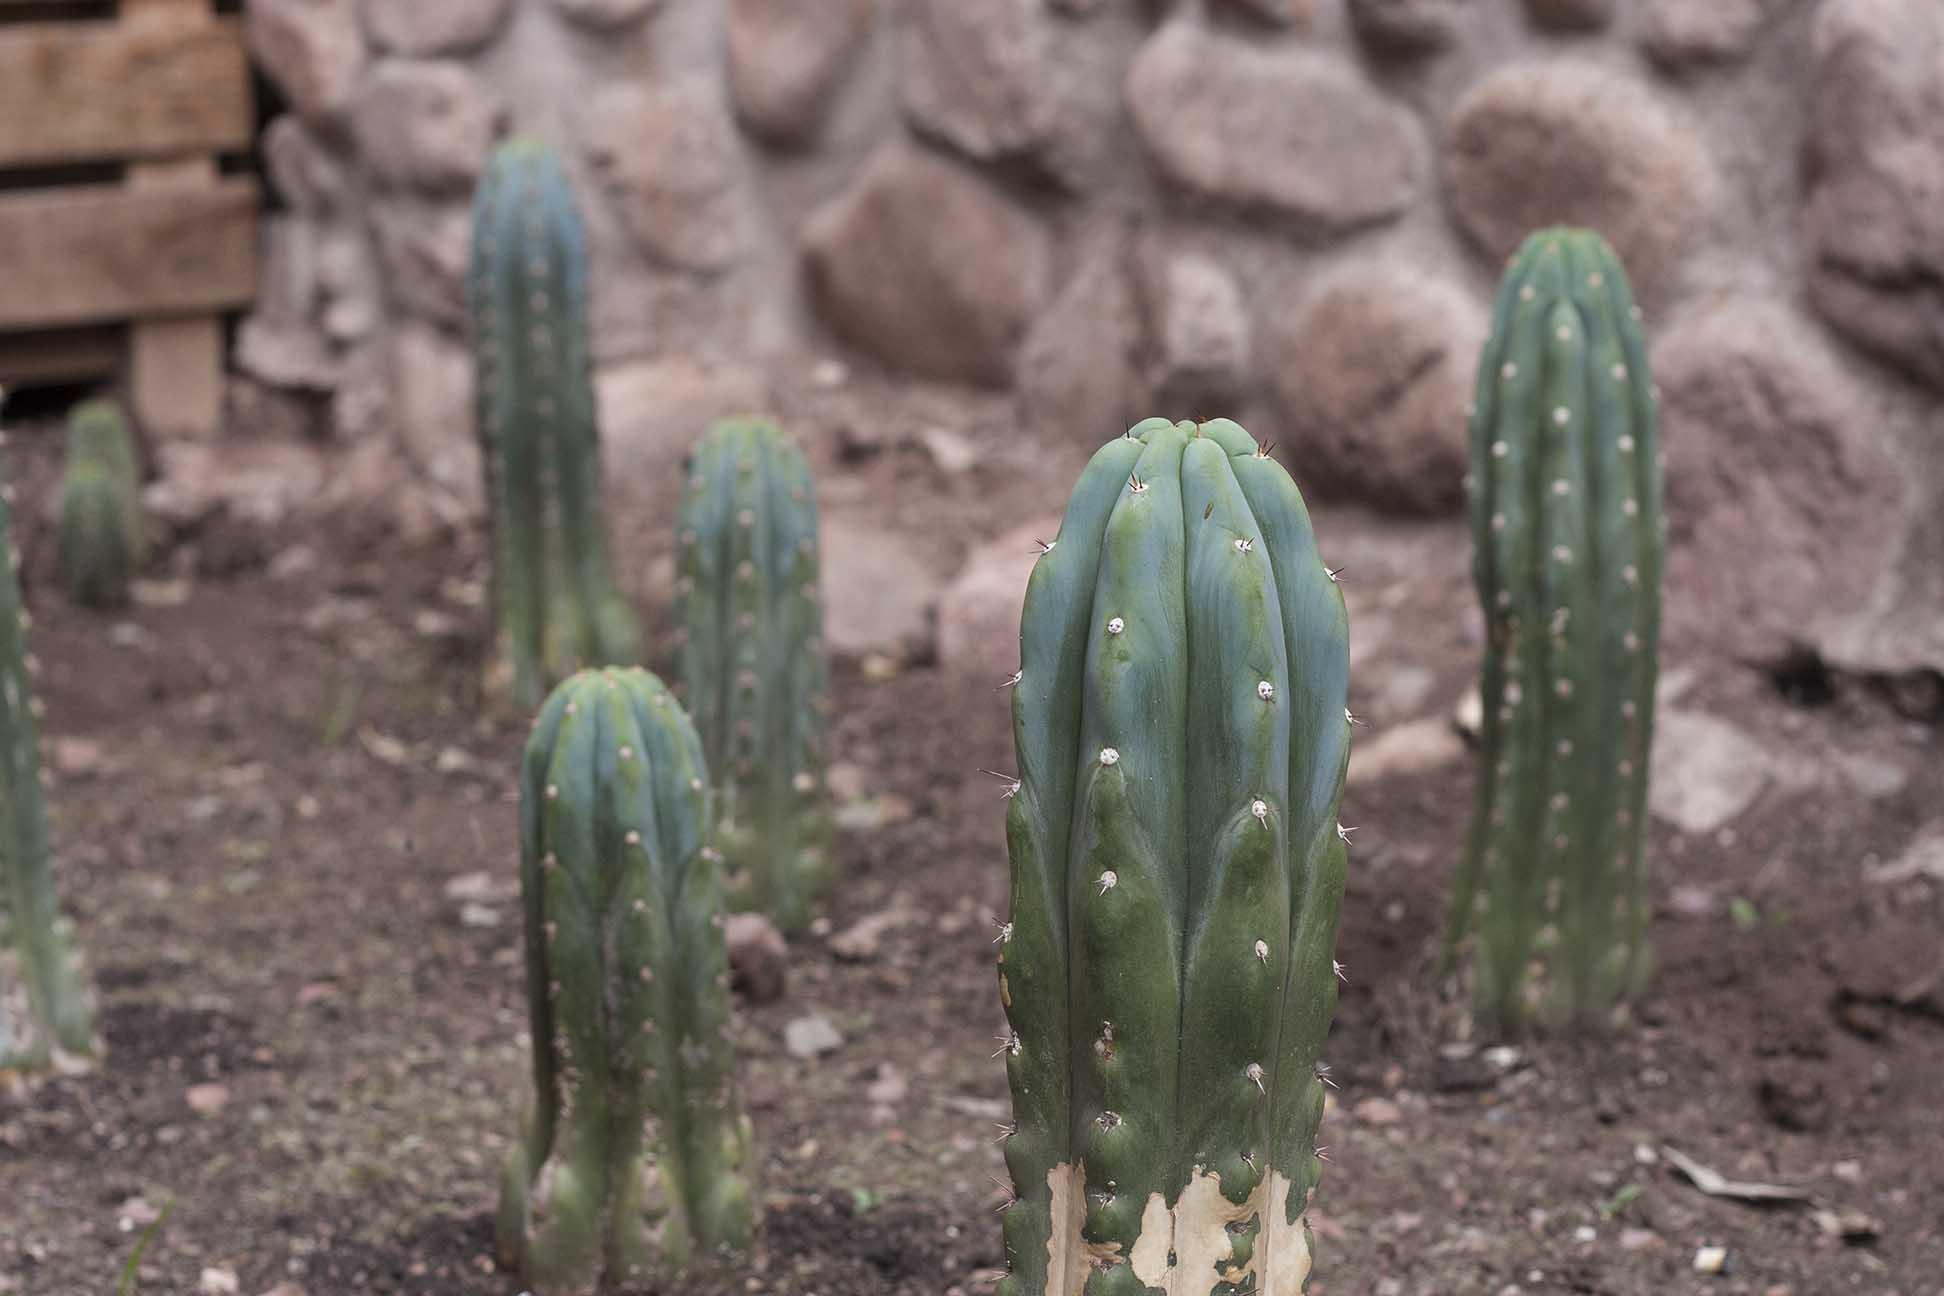 San Pedro cactuses in our garden